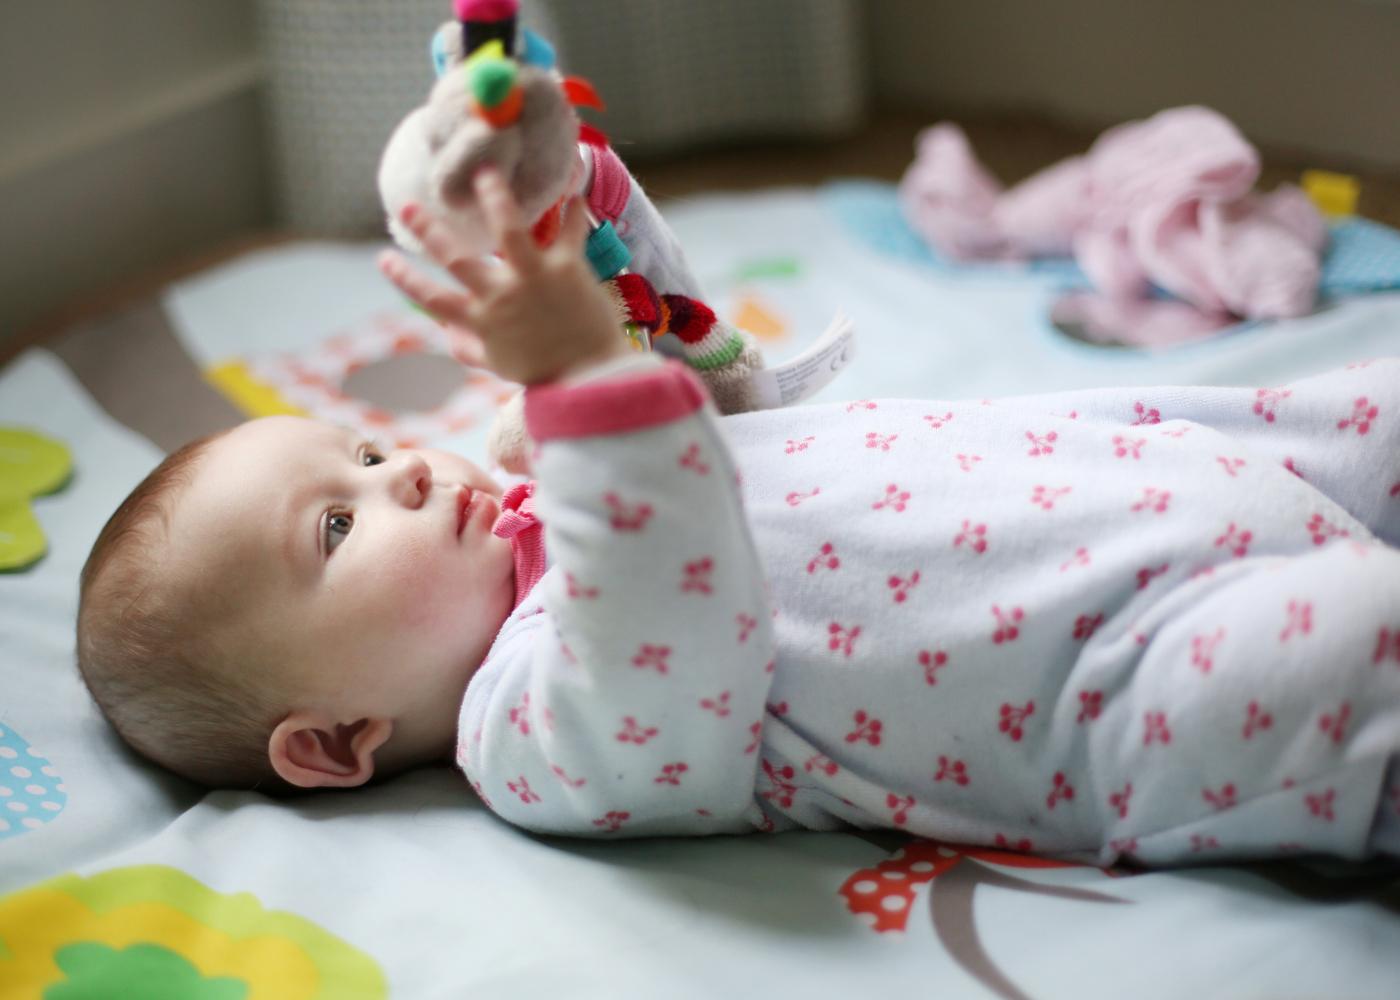 bebé com brinquedo na mão